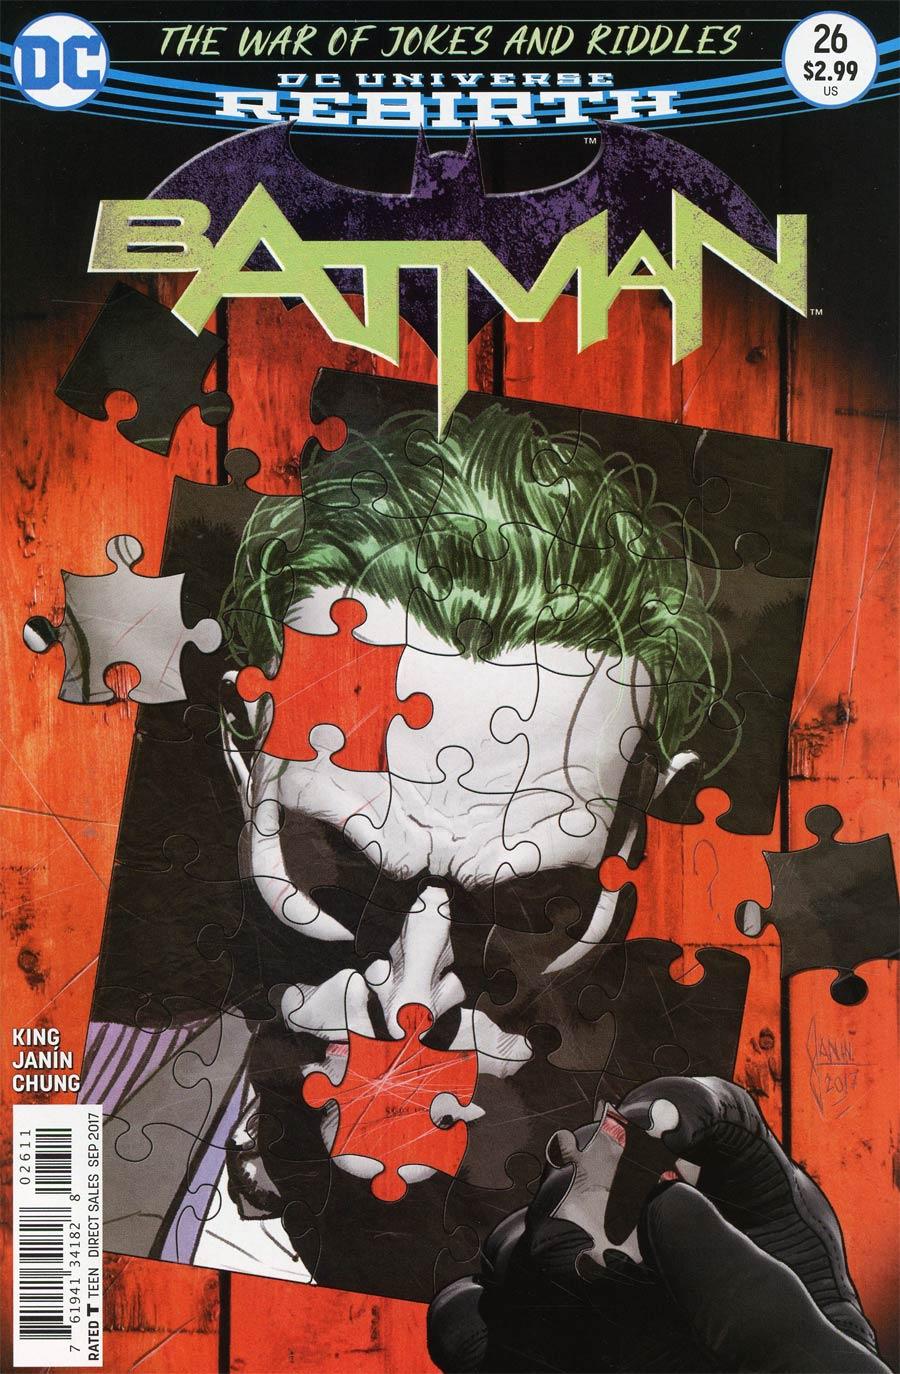 Batman 26 - The War of Jokes and Riddles 2